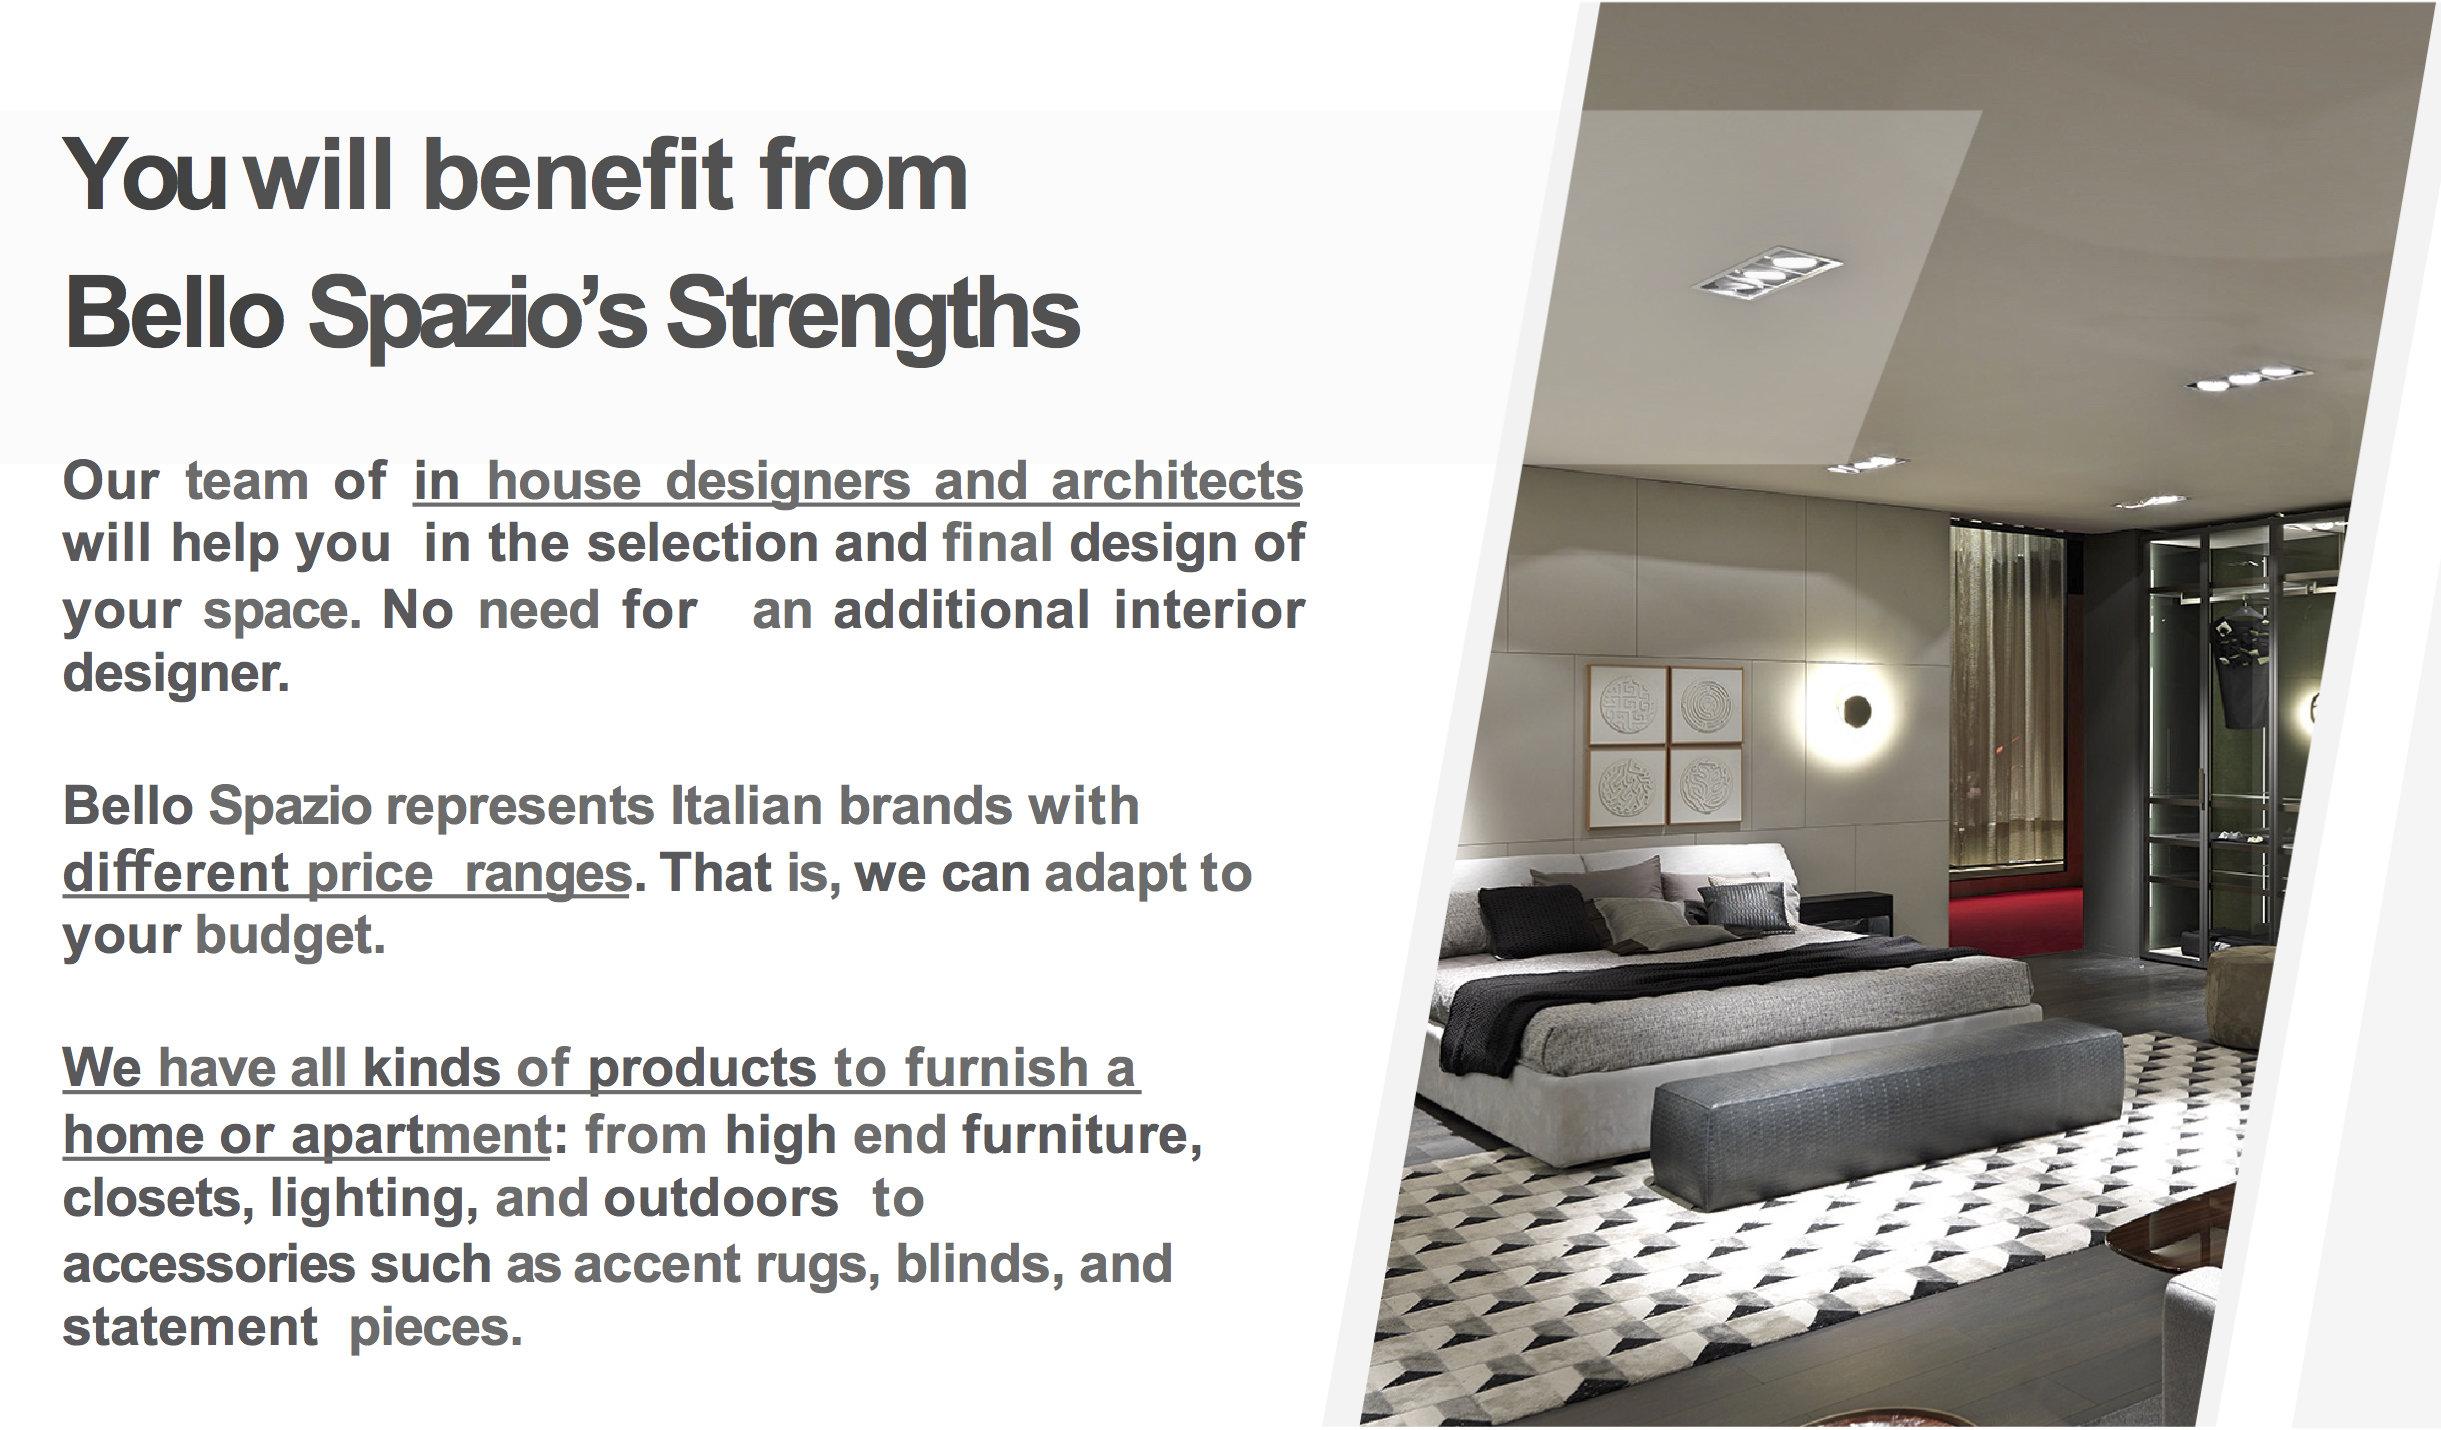 Benefit from Bello Spazio